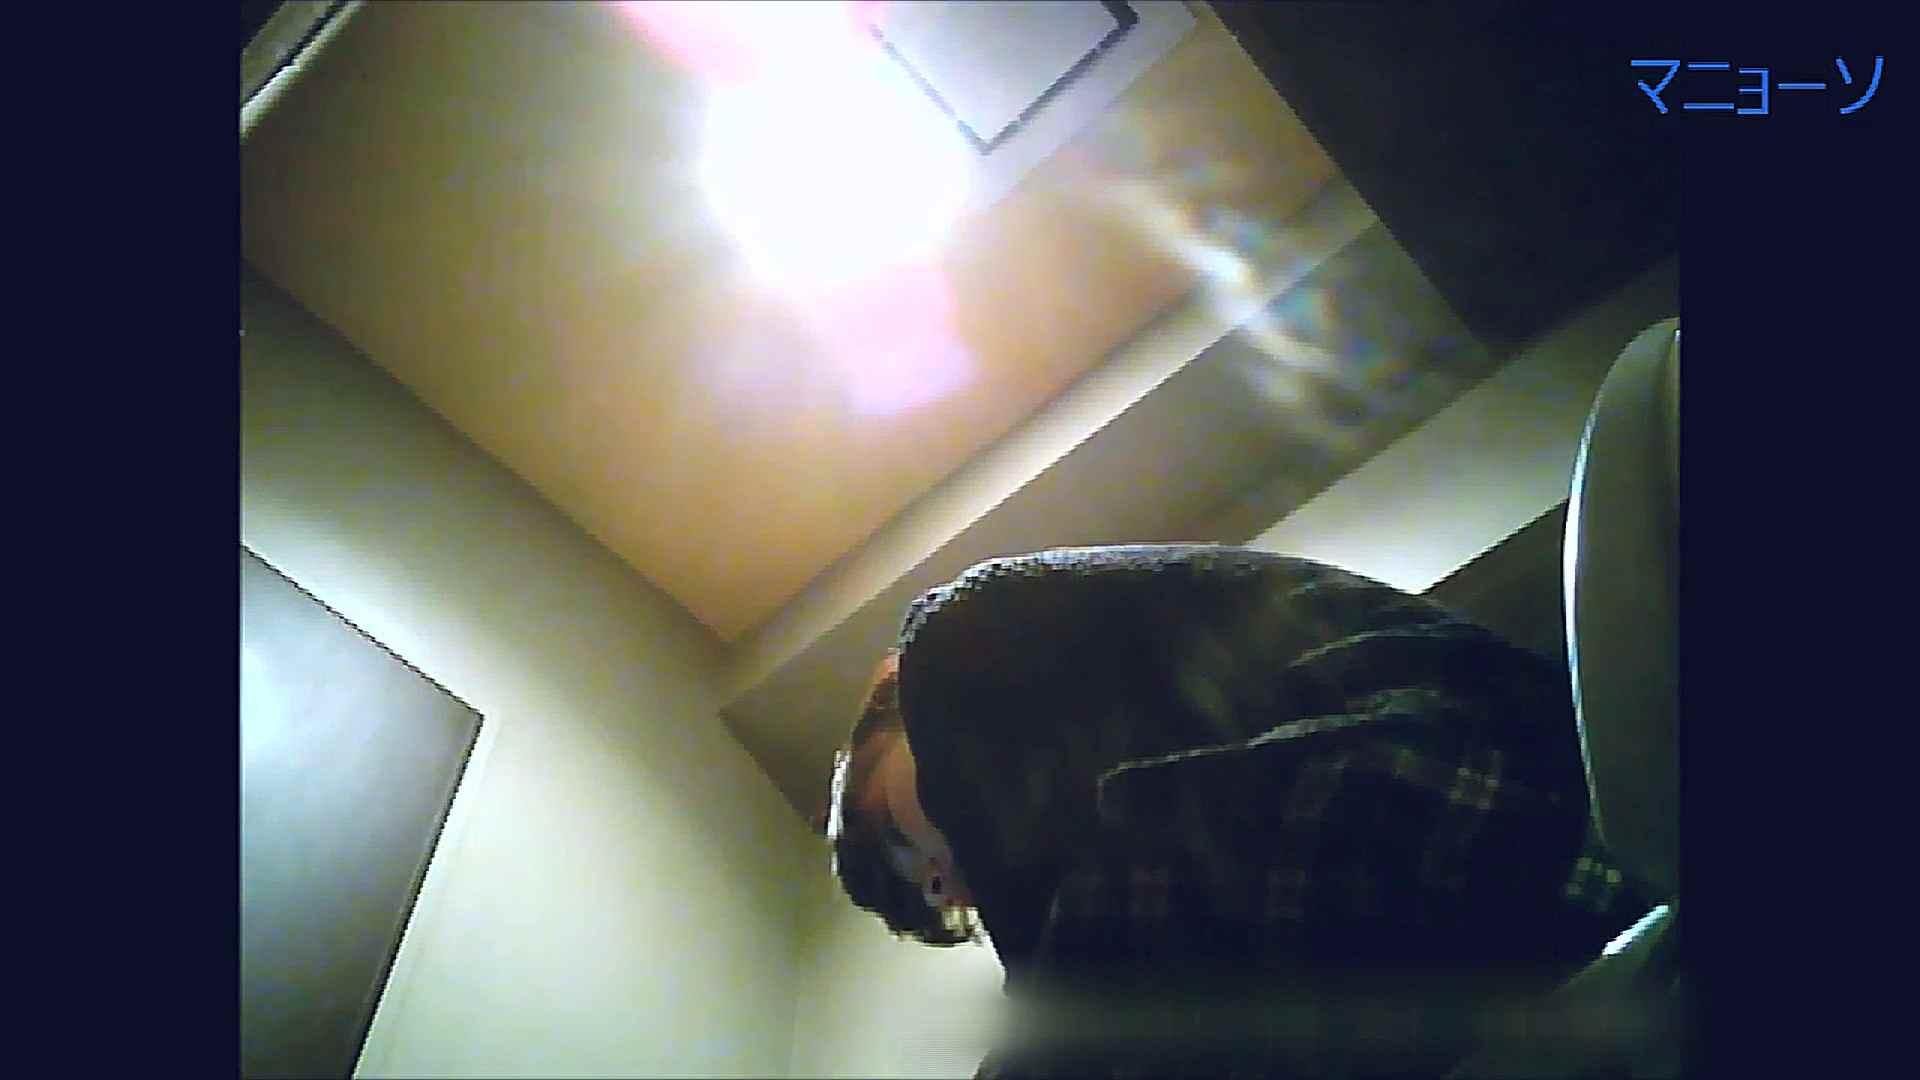 トイレでひと肌脱いでもらいました (OL編)Vol.13 トイレ盗撮 セックス画像 81枚 13